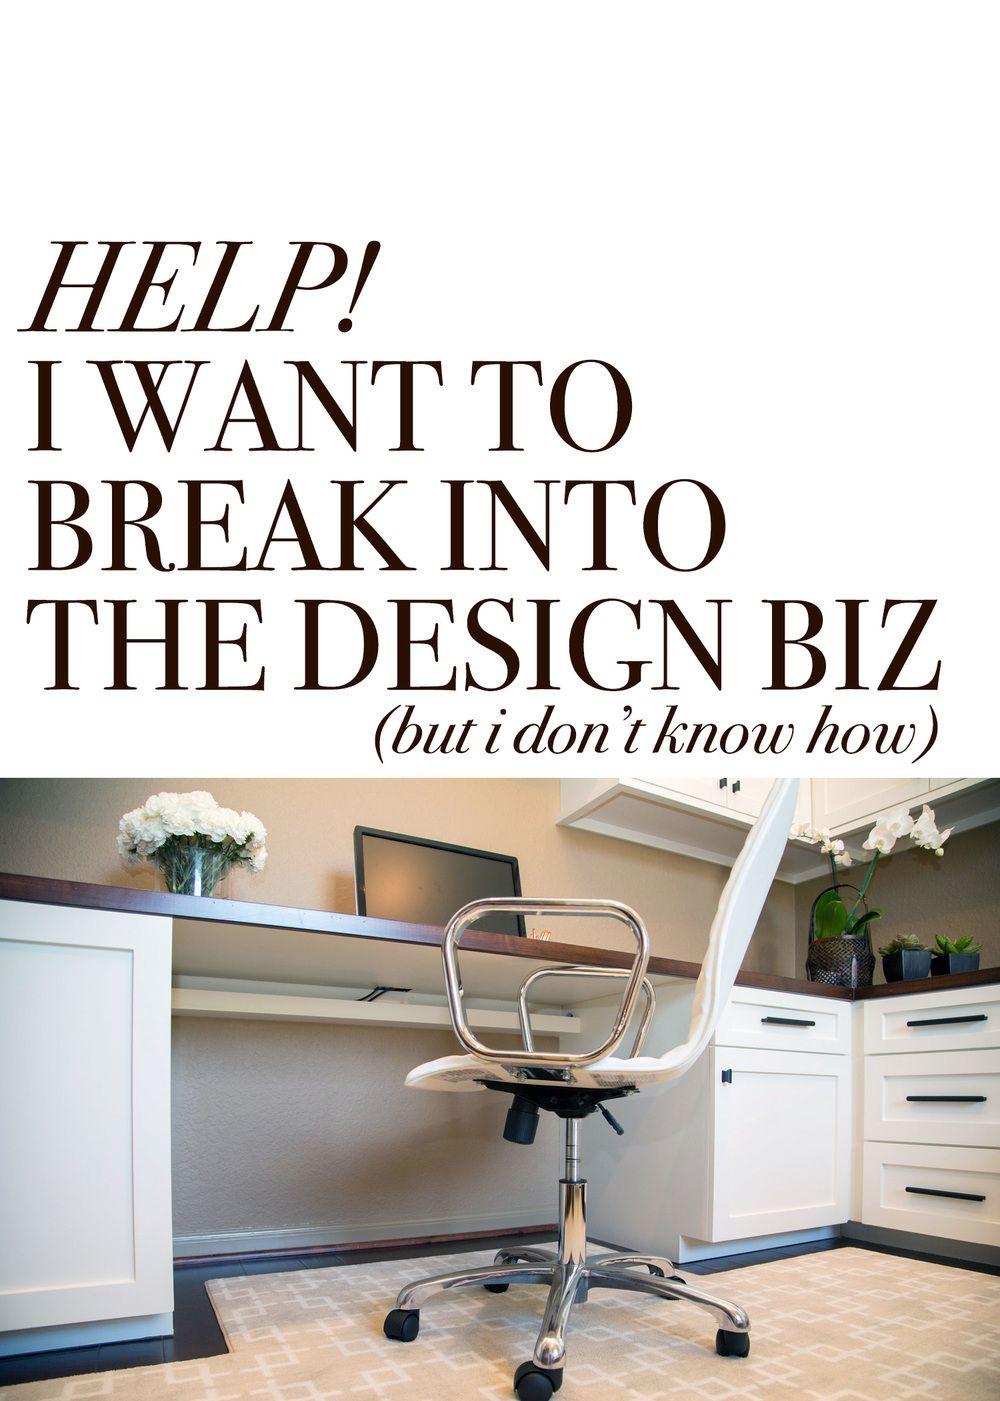 Faq How Do You Suggest I Enter The Interior Design Business